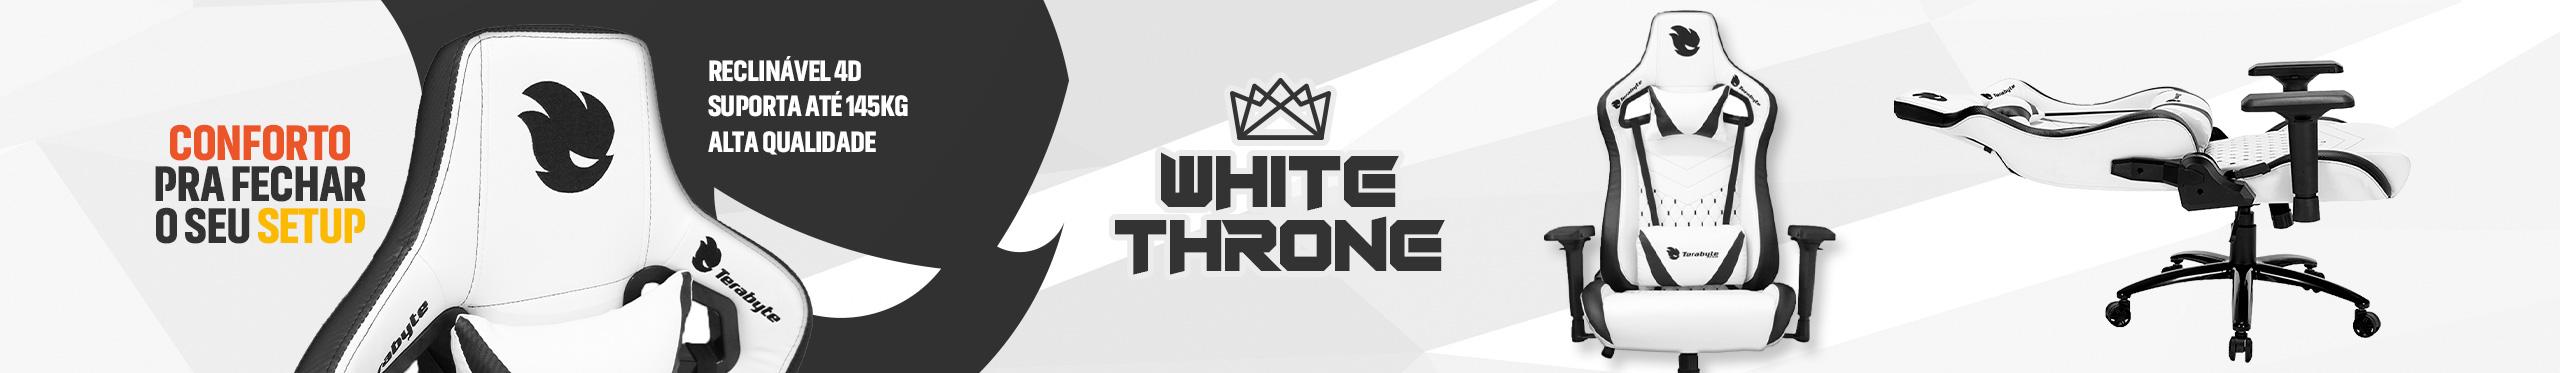 Terabyte White Throne. Muito mais conforto e durabilidade para sua jogatina.